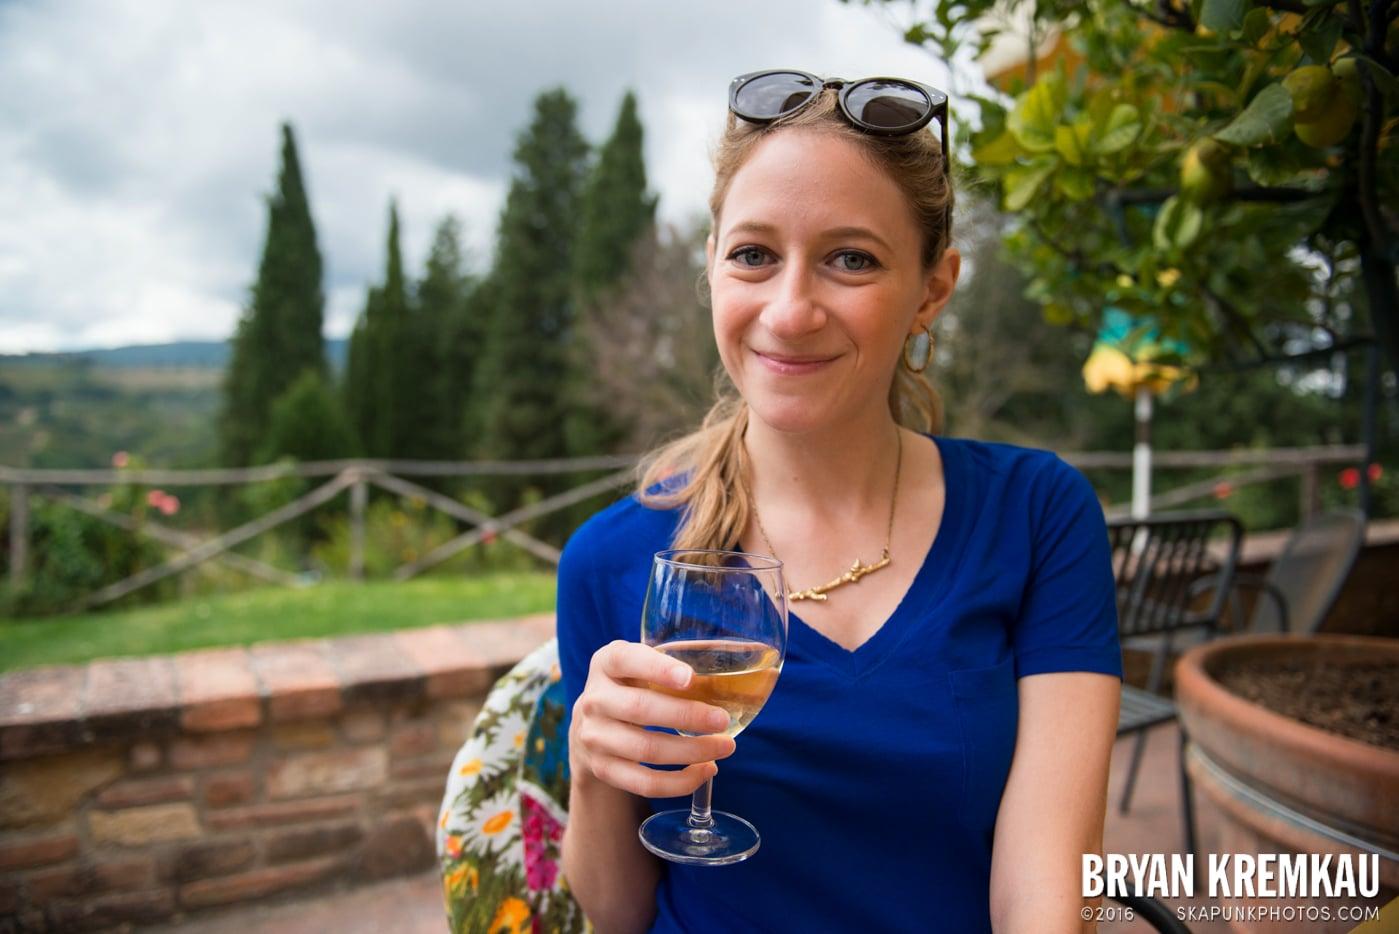 Italy Vacation - Day 8: Siena, San Gimignano, Chianti, Pisa - 9.16.13 (93)